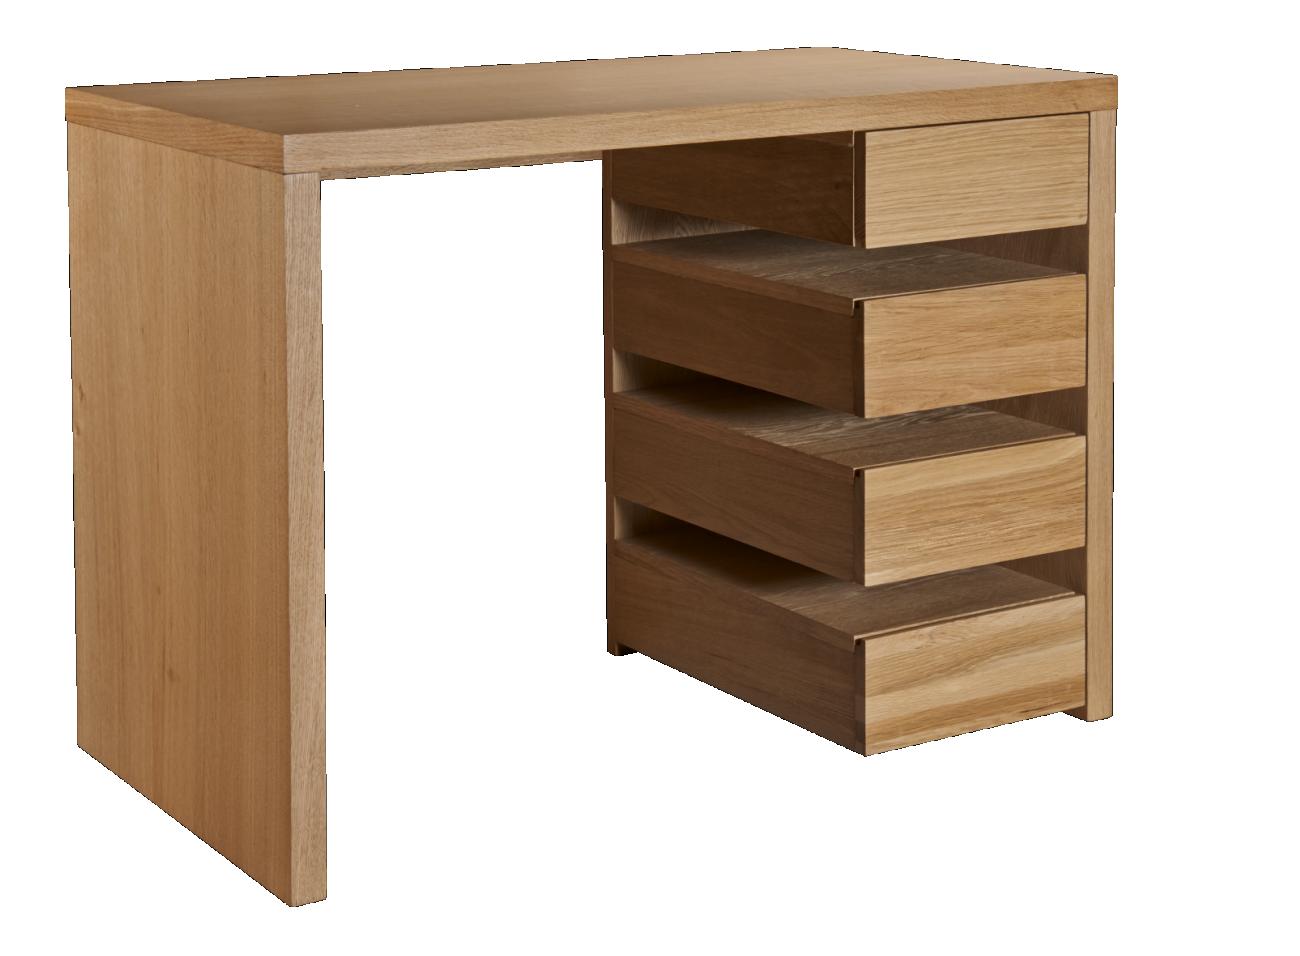 Tanna bureaux meubles de bureaux pinterest meuble de bureau